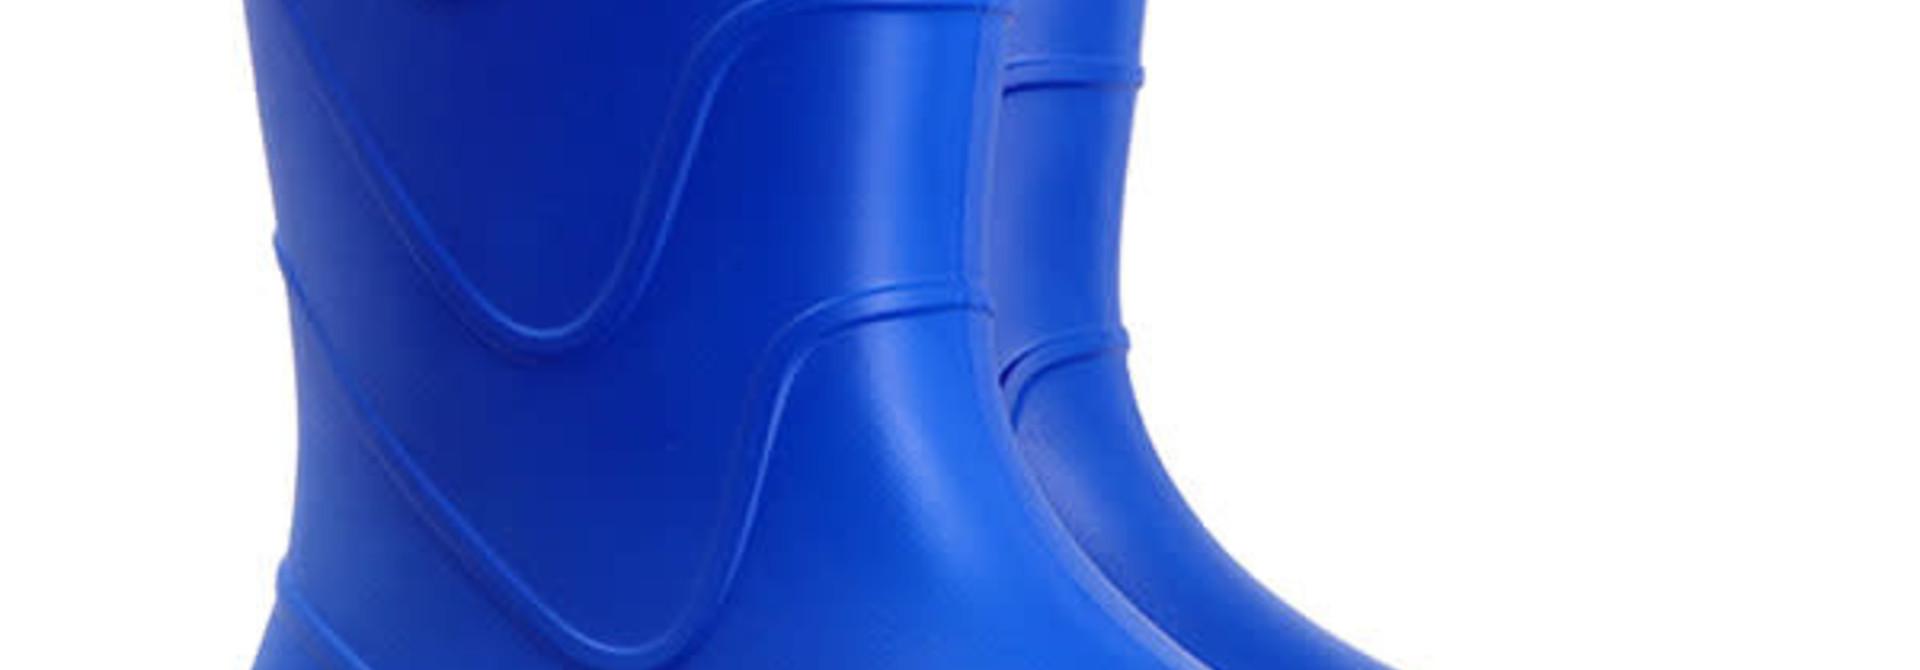 Bottes mi-saison -  Vibes Bleue